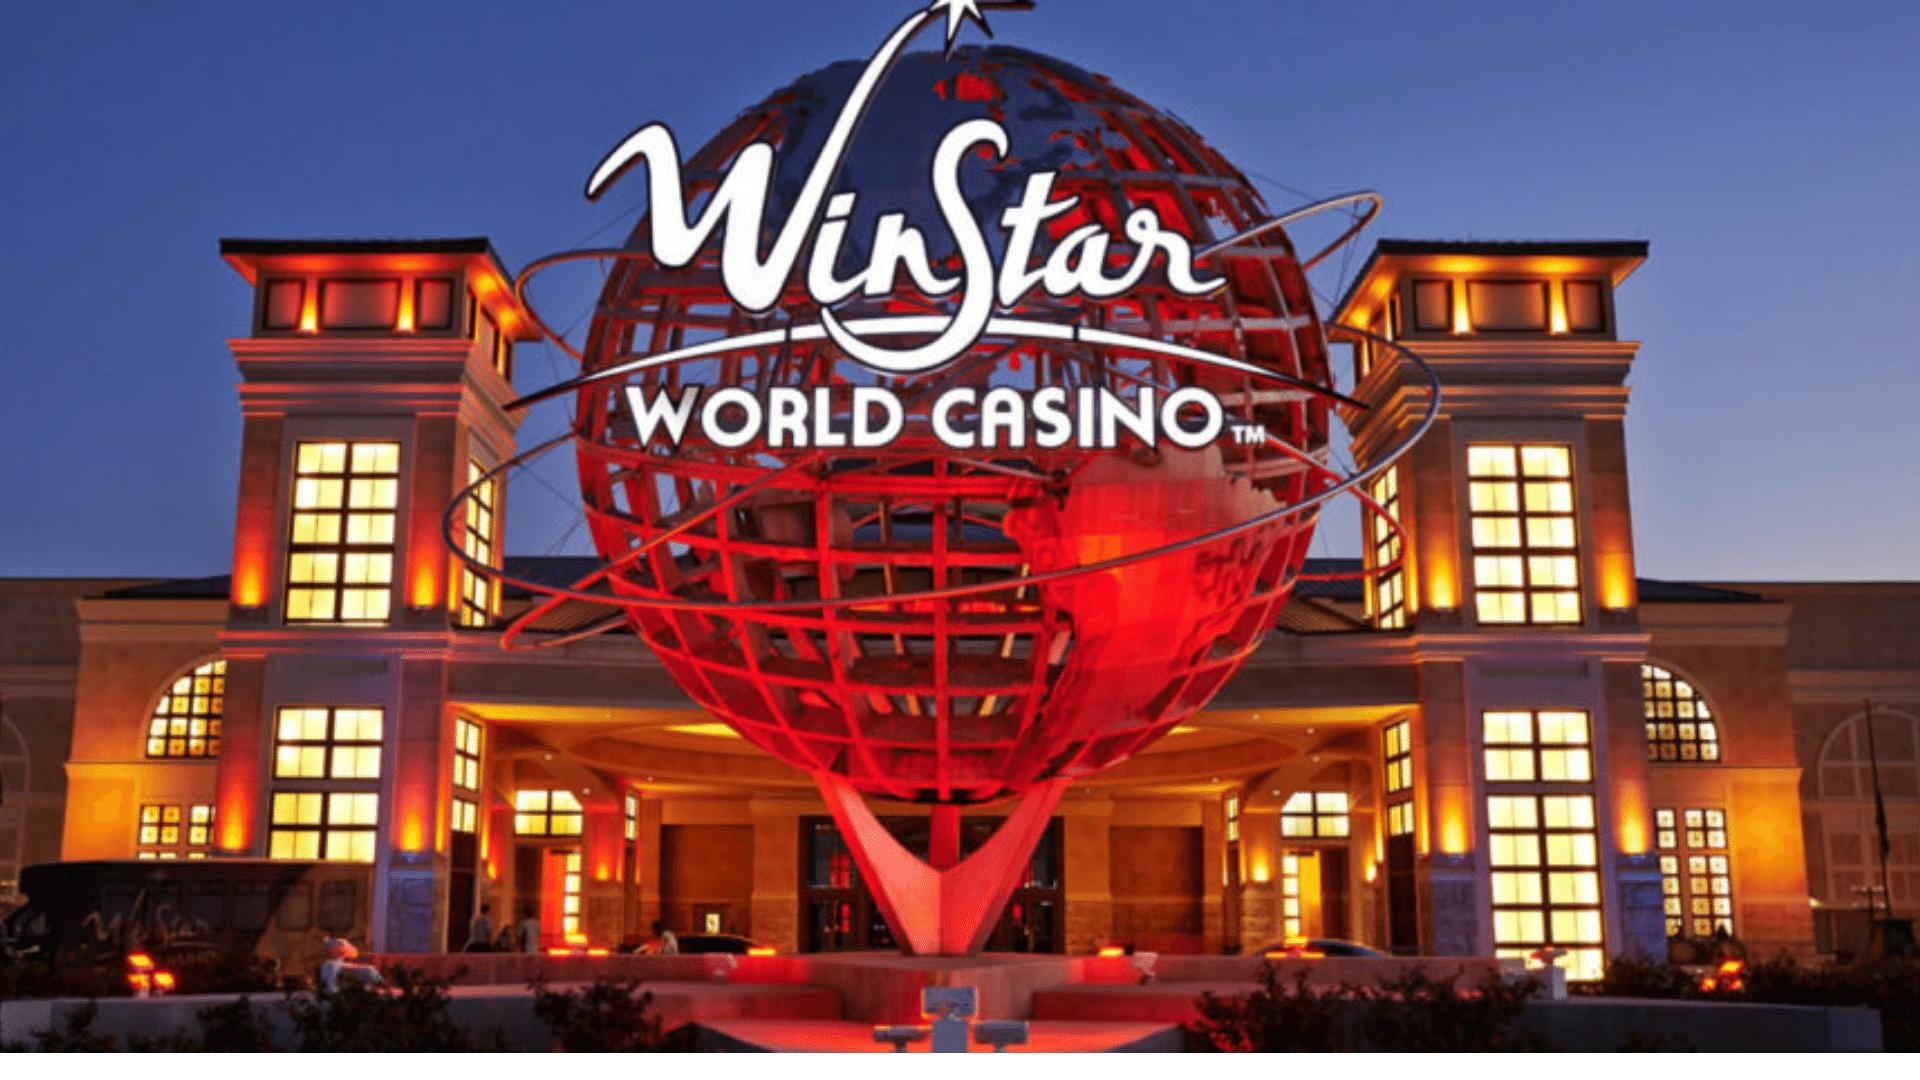 Kasino Dunia Winstar